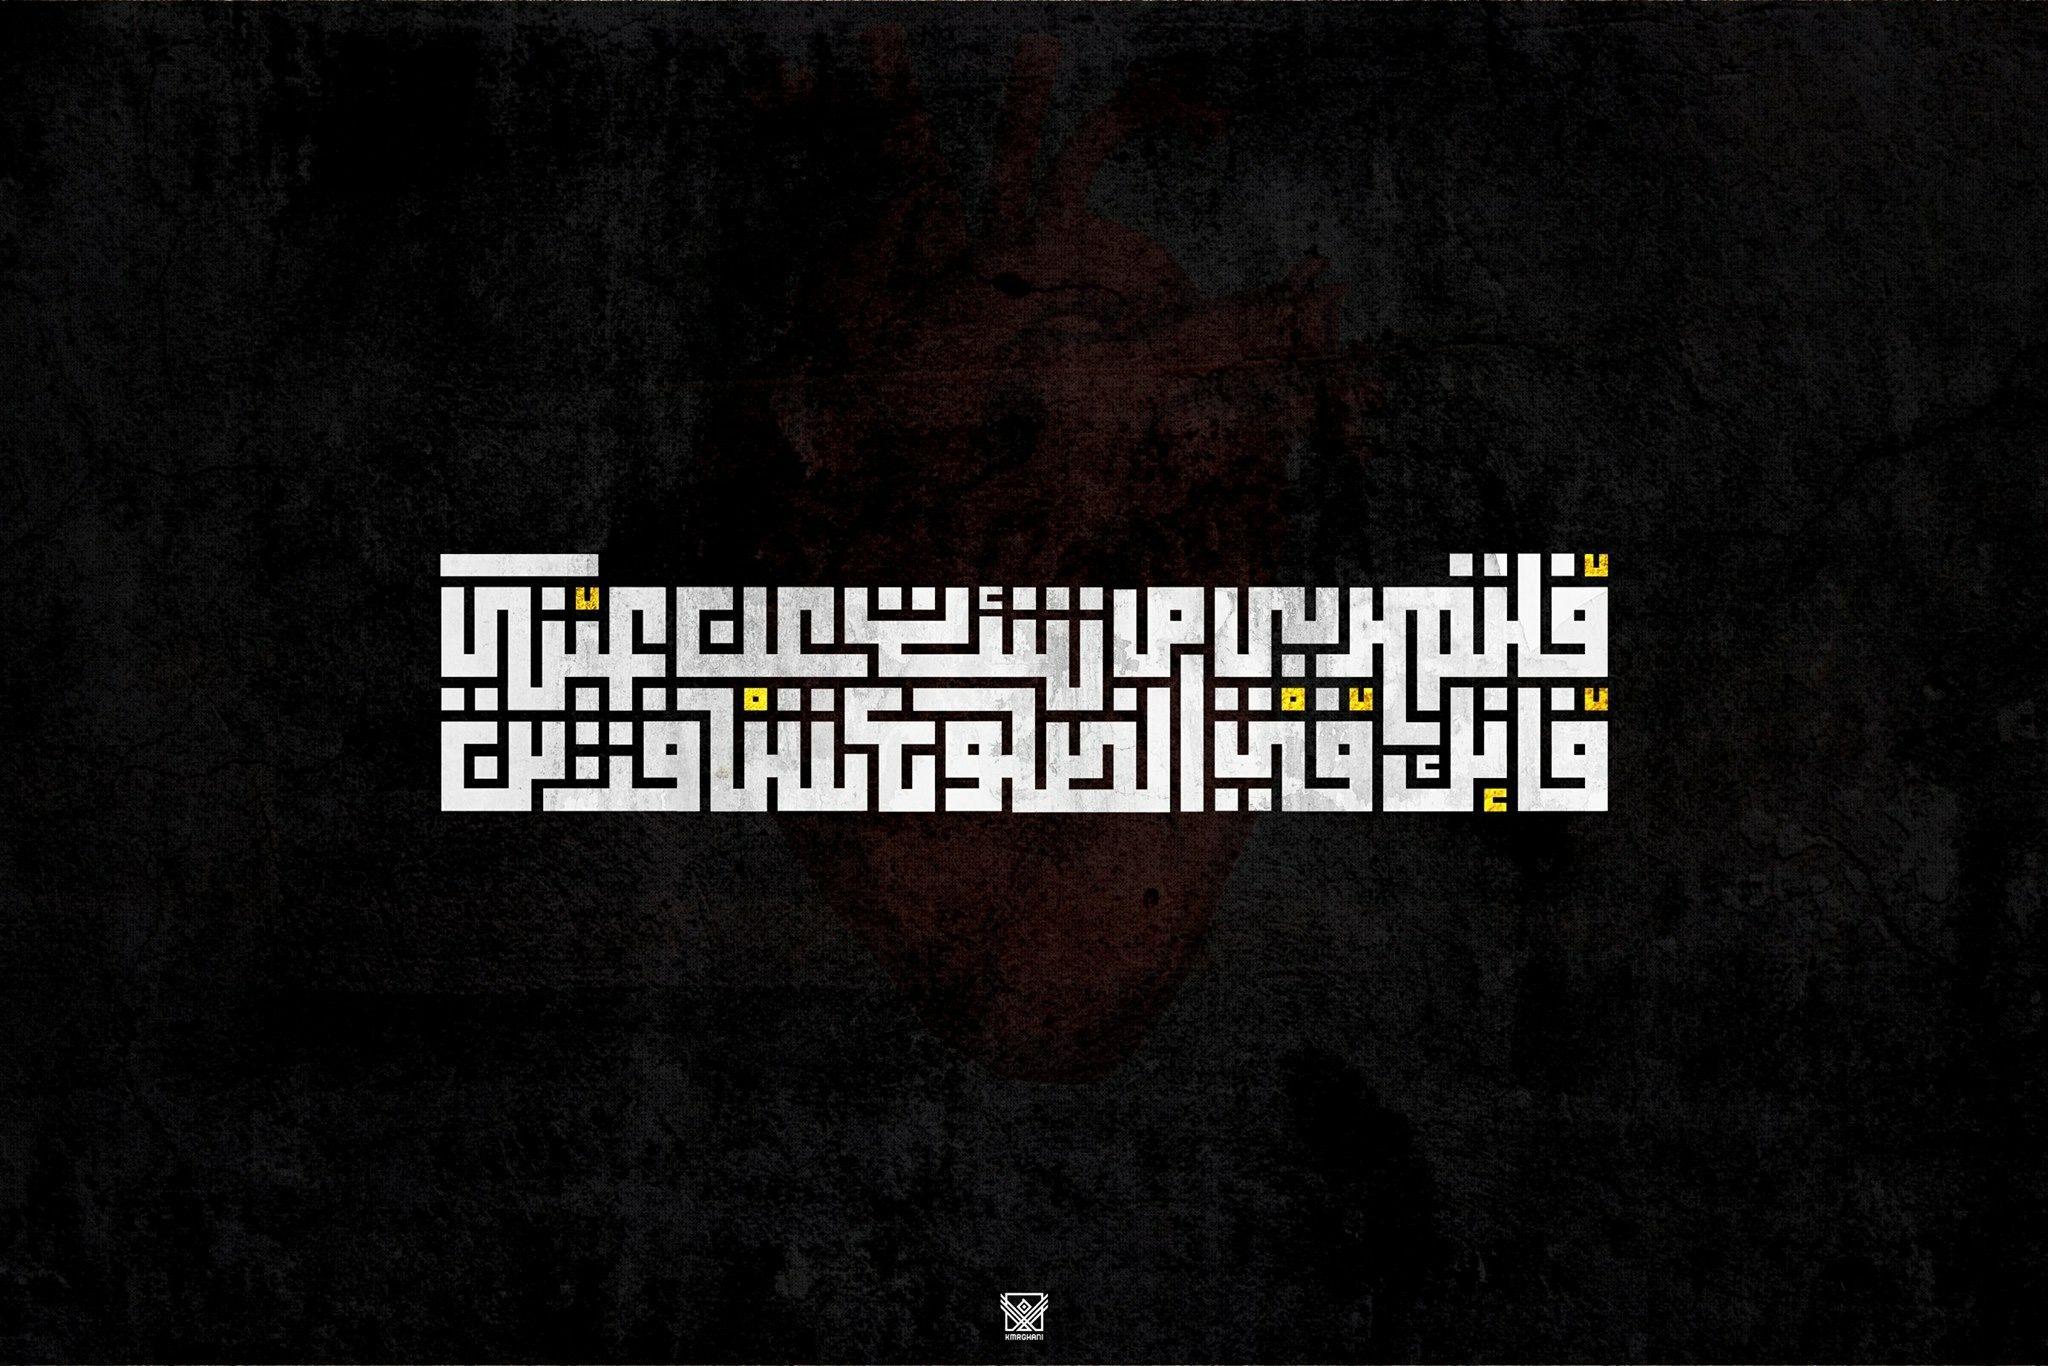 فلتهربي ماشئت عن عيني فإنك في الضلوع تسافرين Typography Quotes Font Art Islamic Calligraphy